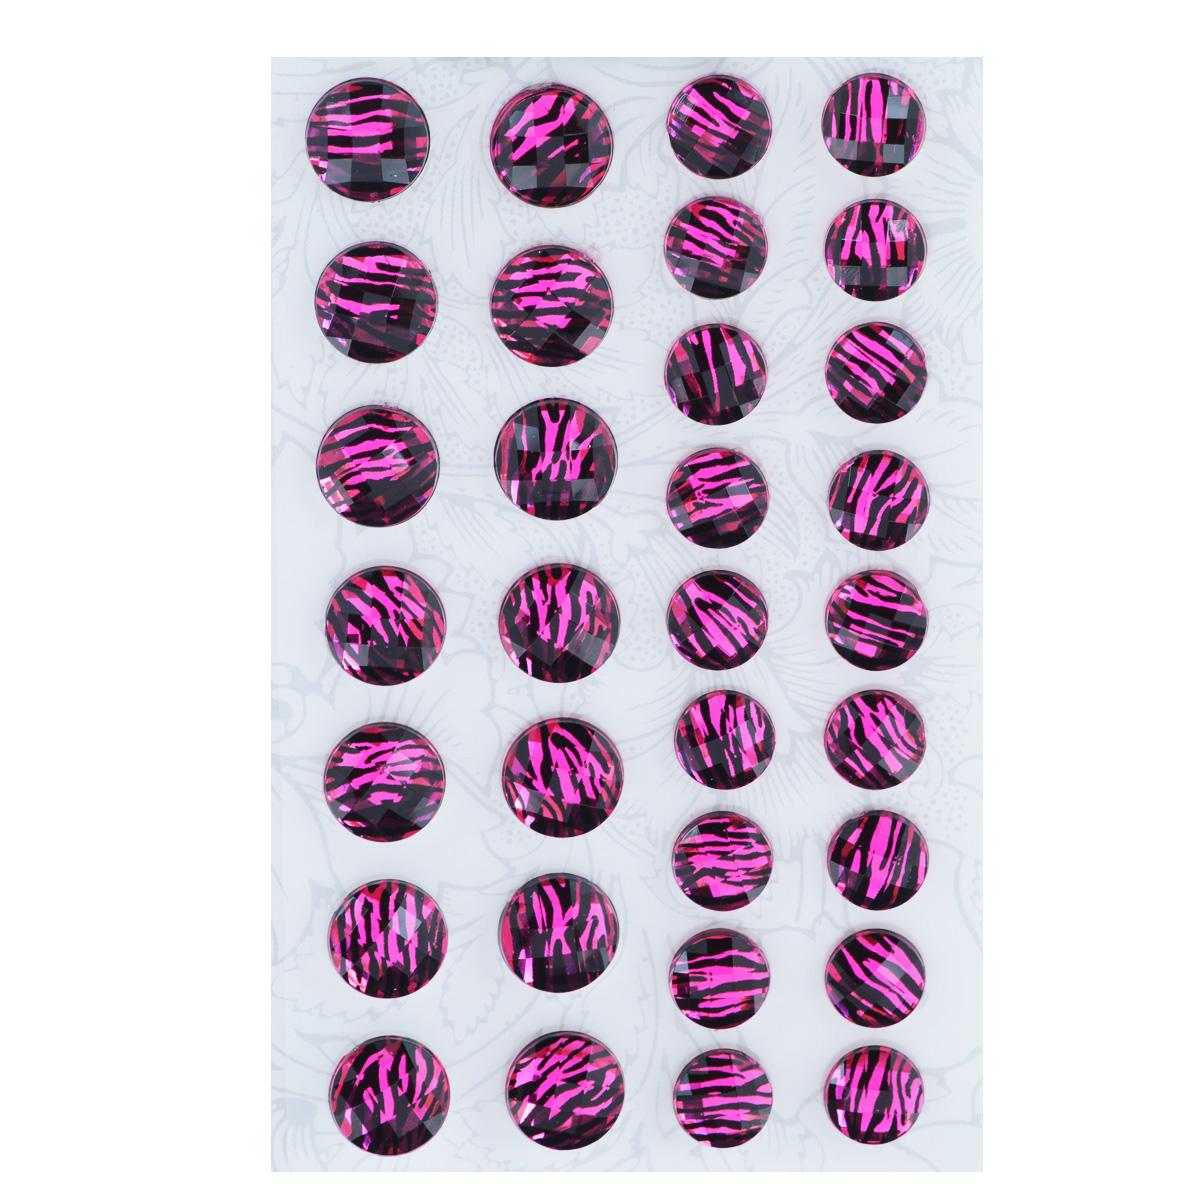 Наклейки декоративные Астра, цвет: розовый, 32 шт. 77083557708355Декоративные наклейки Астра, изготовленные из пластика, прекрасно подойдут для оформления творческих работ в технике скрапбукинга. Их можно использовать для украшения фотоальбомов, скрап-страничек, подарков, конвертов, фоторамок, открыток и т.д. Объемные наклейки круглой формы, декорированные анималистичным принтом, оснащены задней клейкой стороной. Скрапбукинг - это хобби, которое способно приносить массу приятных эмоций не только человеку, который этим занимается, но и его близким, друзьям, родным. Это невероятно увлекательное занятие, которое поможет вам сохранить наиболее памятные и яркие моменты вашей жизни, а также интересно оформить интерьер дома. Диаметр наклеек: 10 мм, 12 мм.